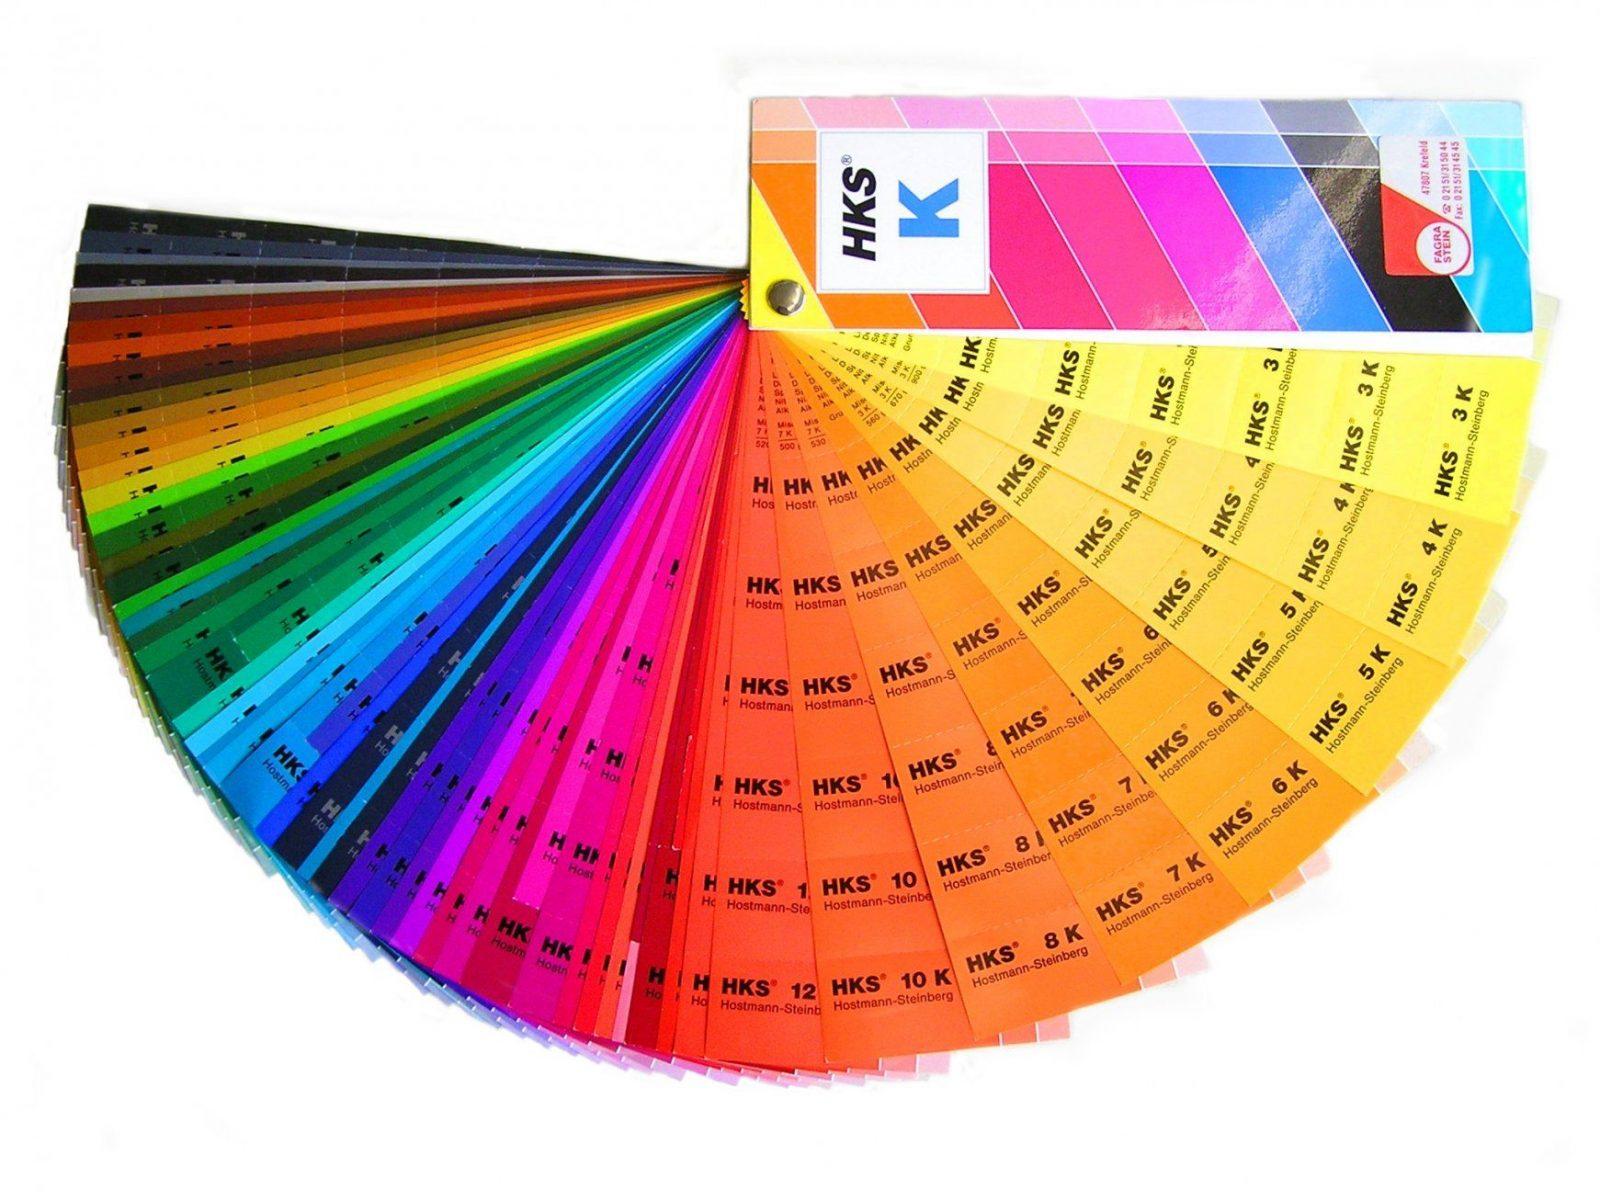 Erstaunlich Wandfarben Tabelle Farbe Htm Obi Schöner Wohnen Grün von Ral Farben Selber Mischen Photo